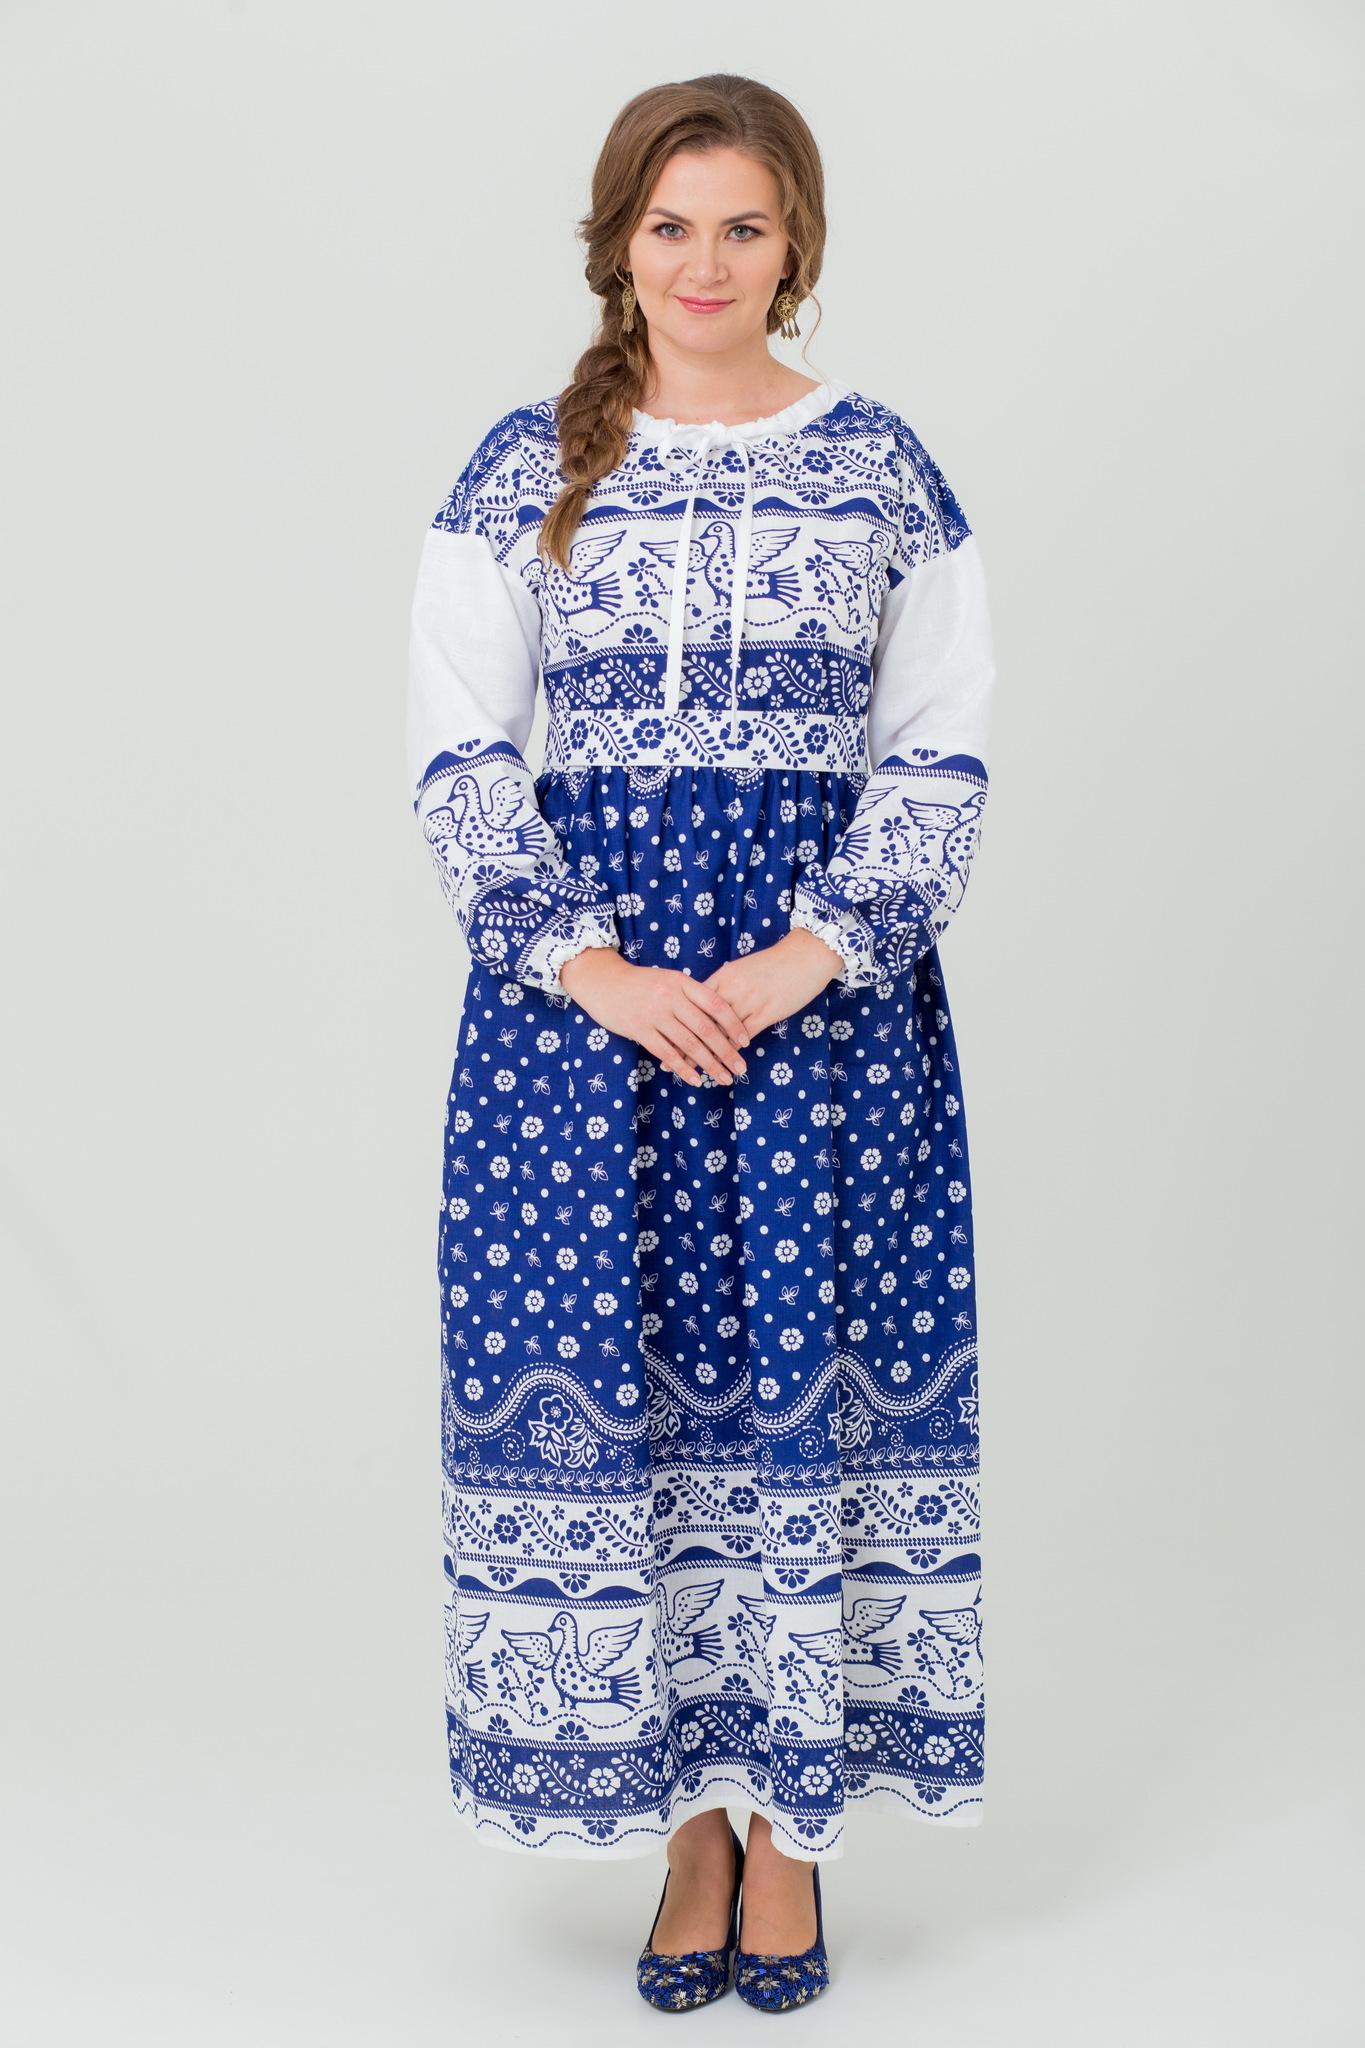 Платье льняное в русском стиле Певчее в синем